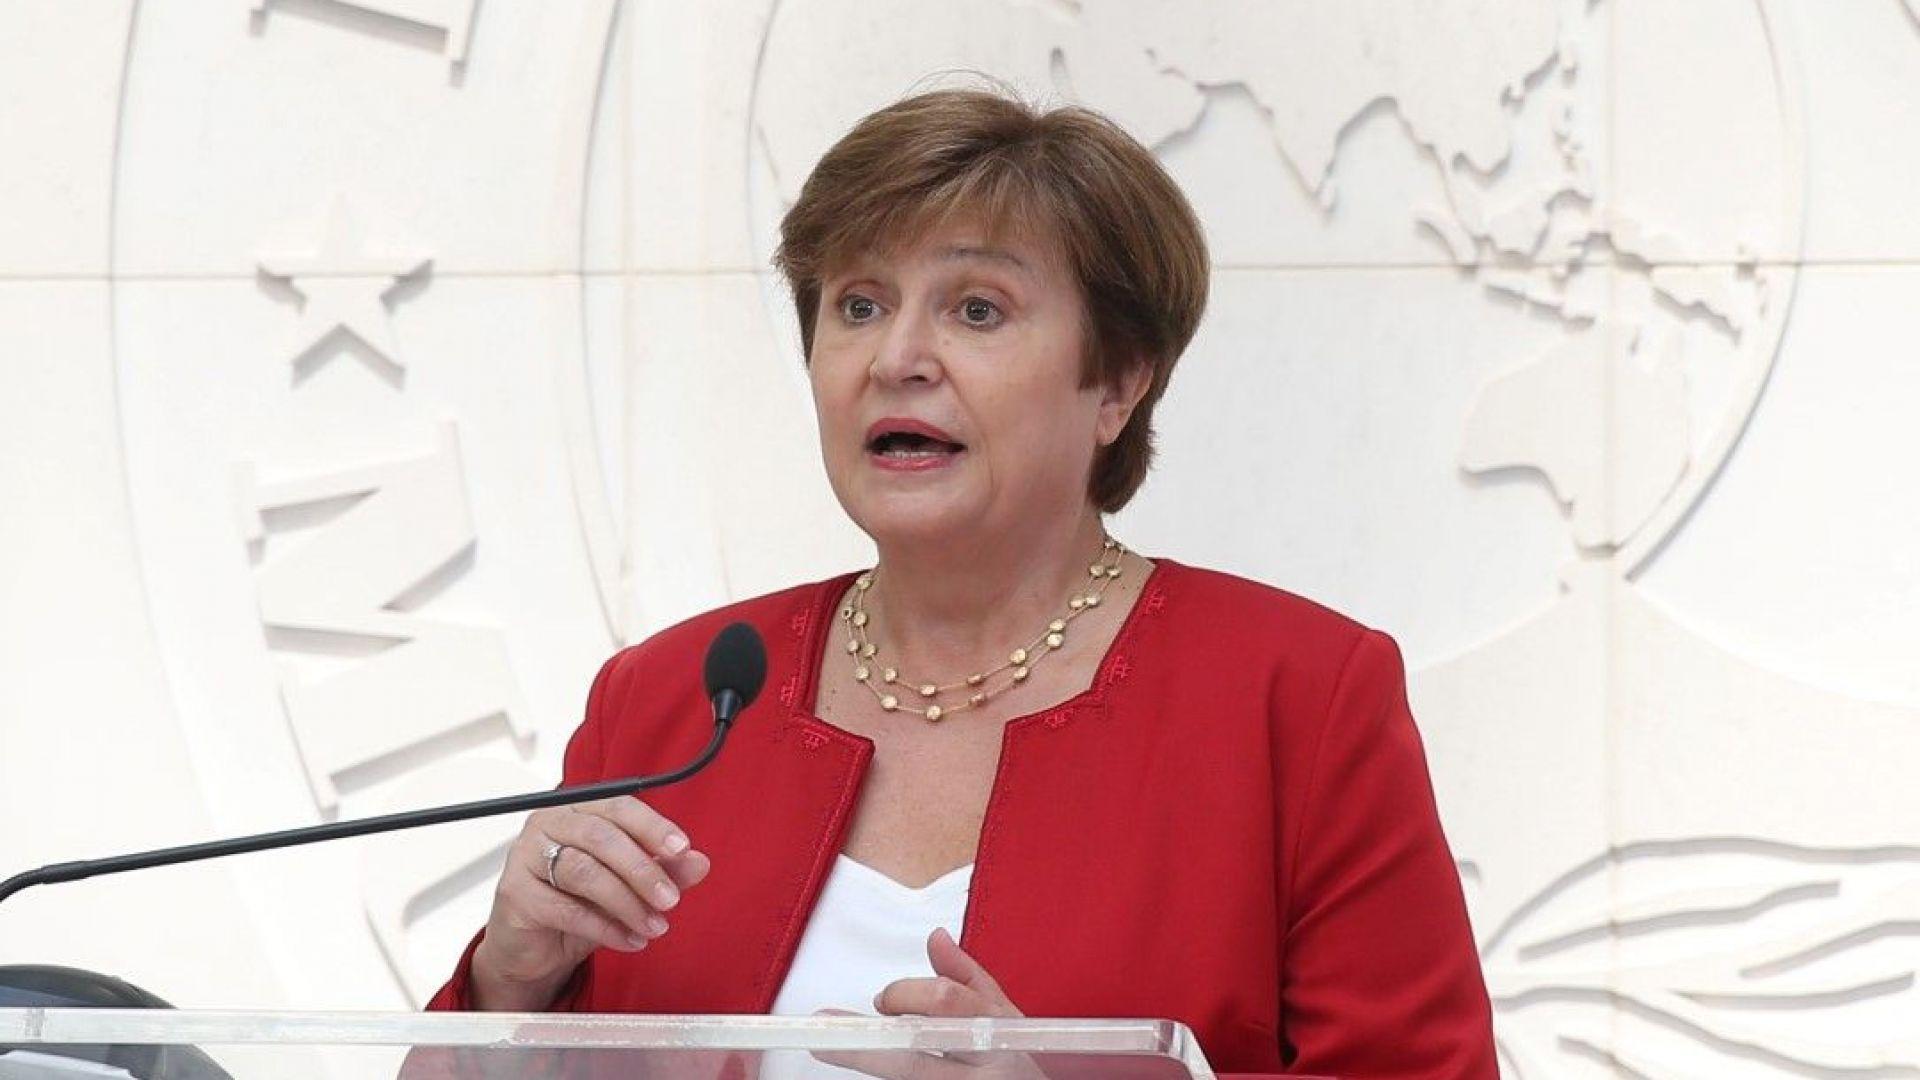 Кристалина Георгиева се срещна с аржентински министър  на фона на кризата